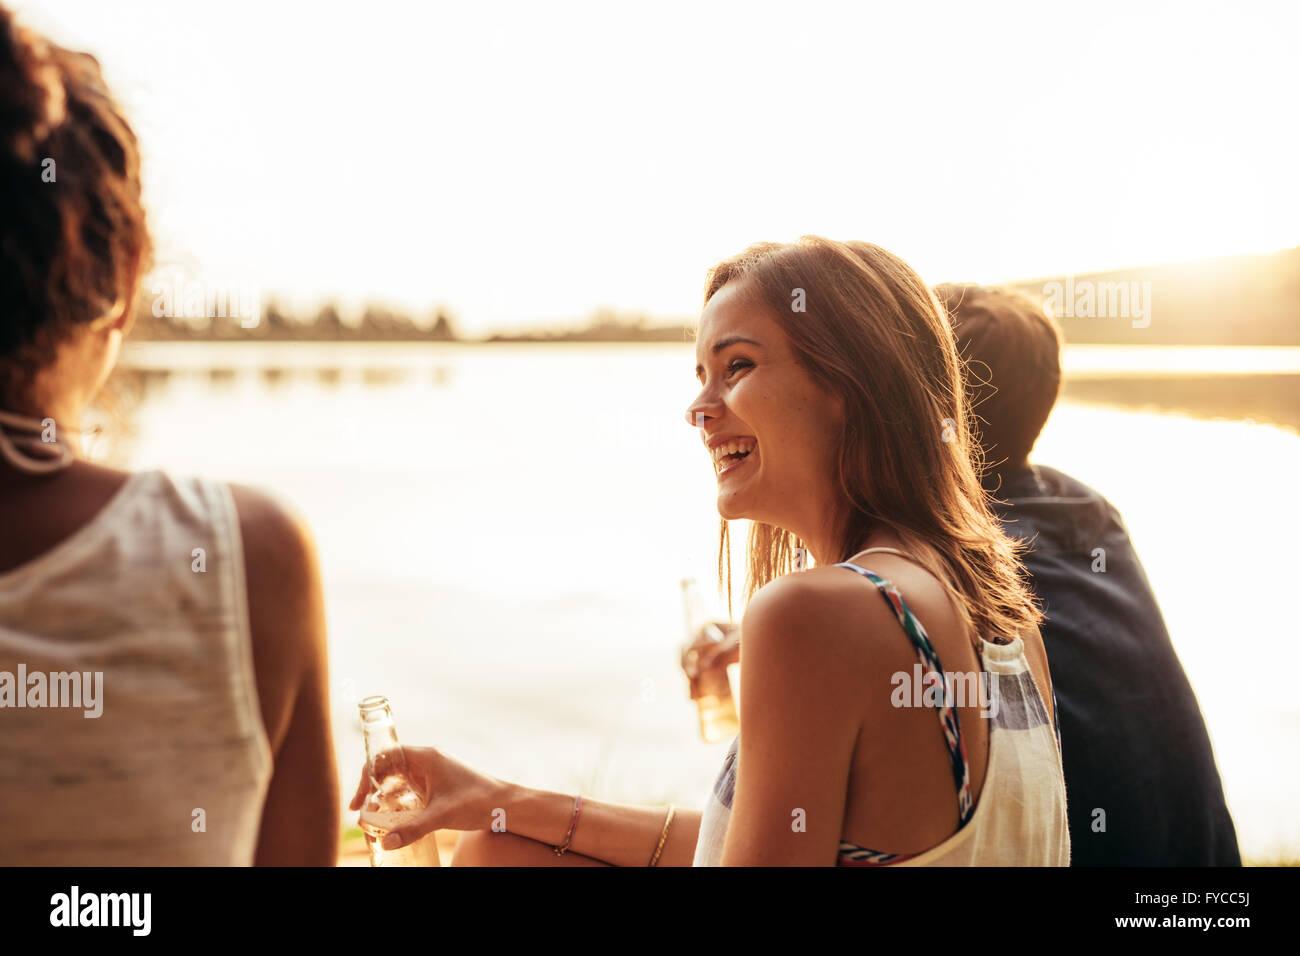 Ritratto di giovane sorridente ragazza seduta da un lago con i suoi amici. Giovani godendo una giornata al lago. Immagini Stock